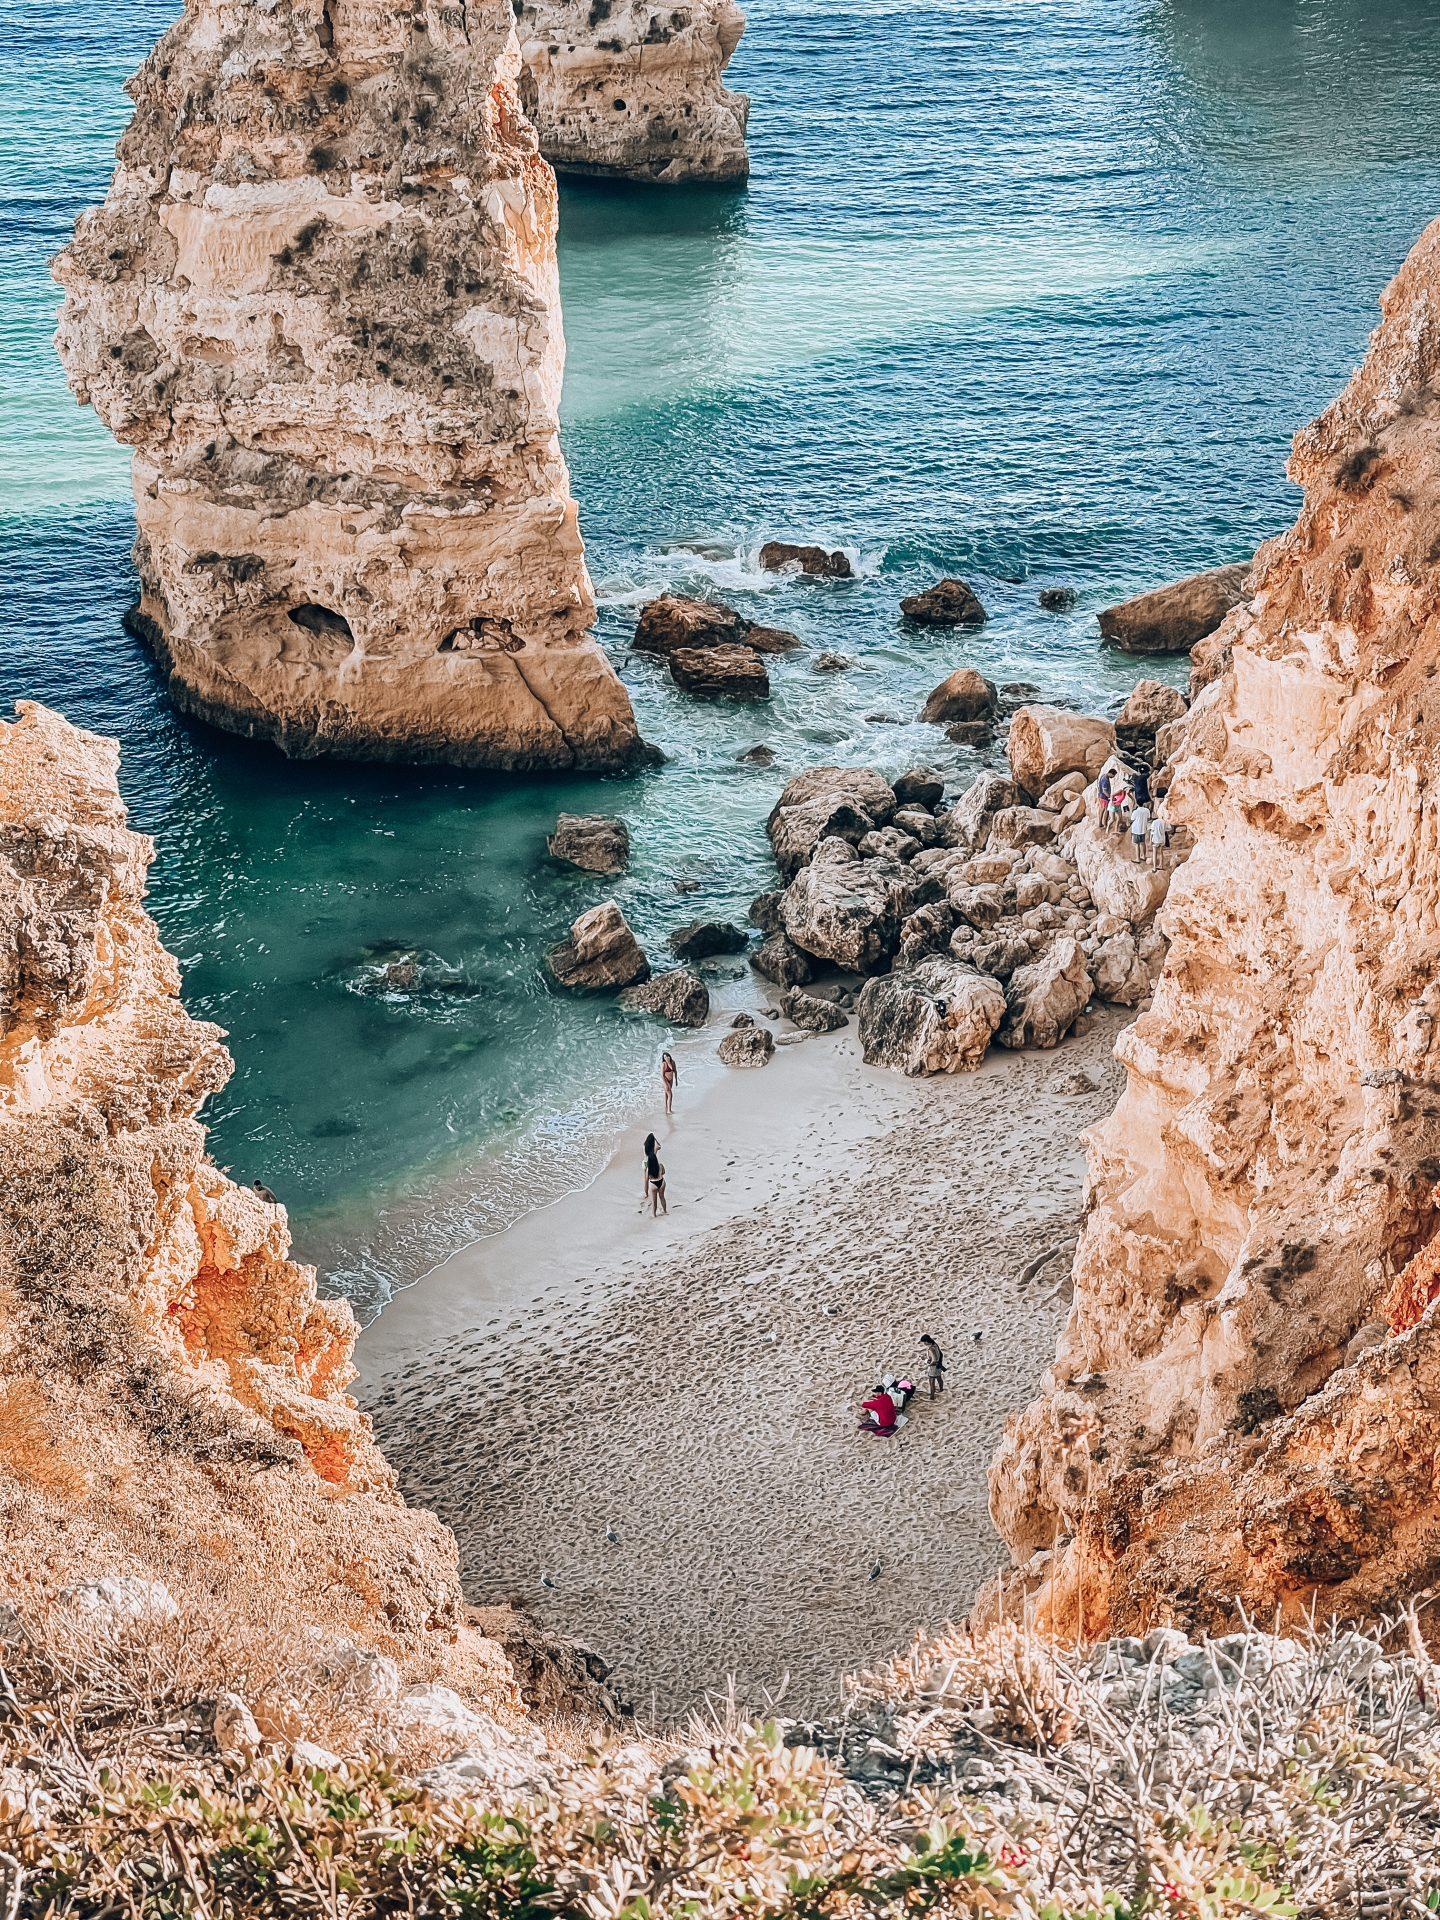 Praia da Marinha algarve portugalia portugal